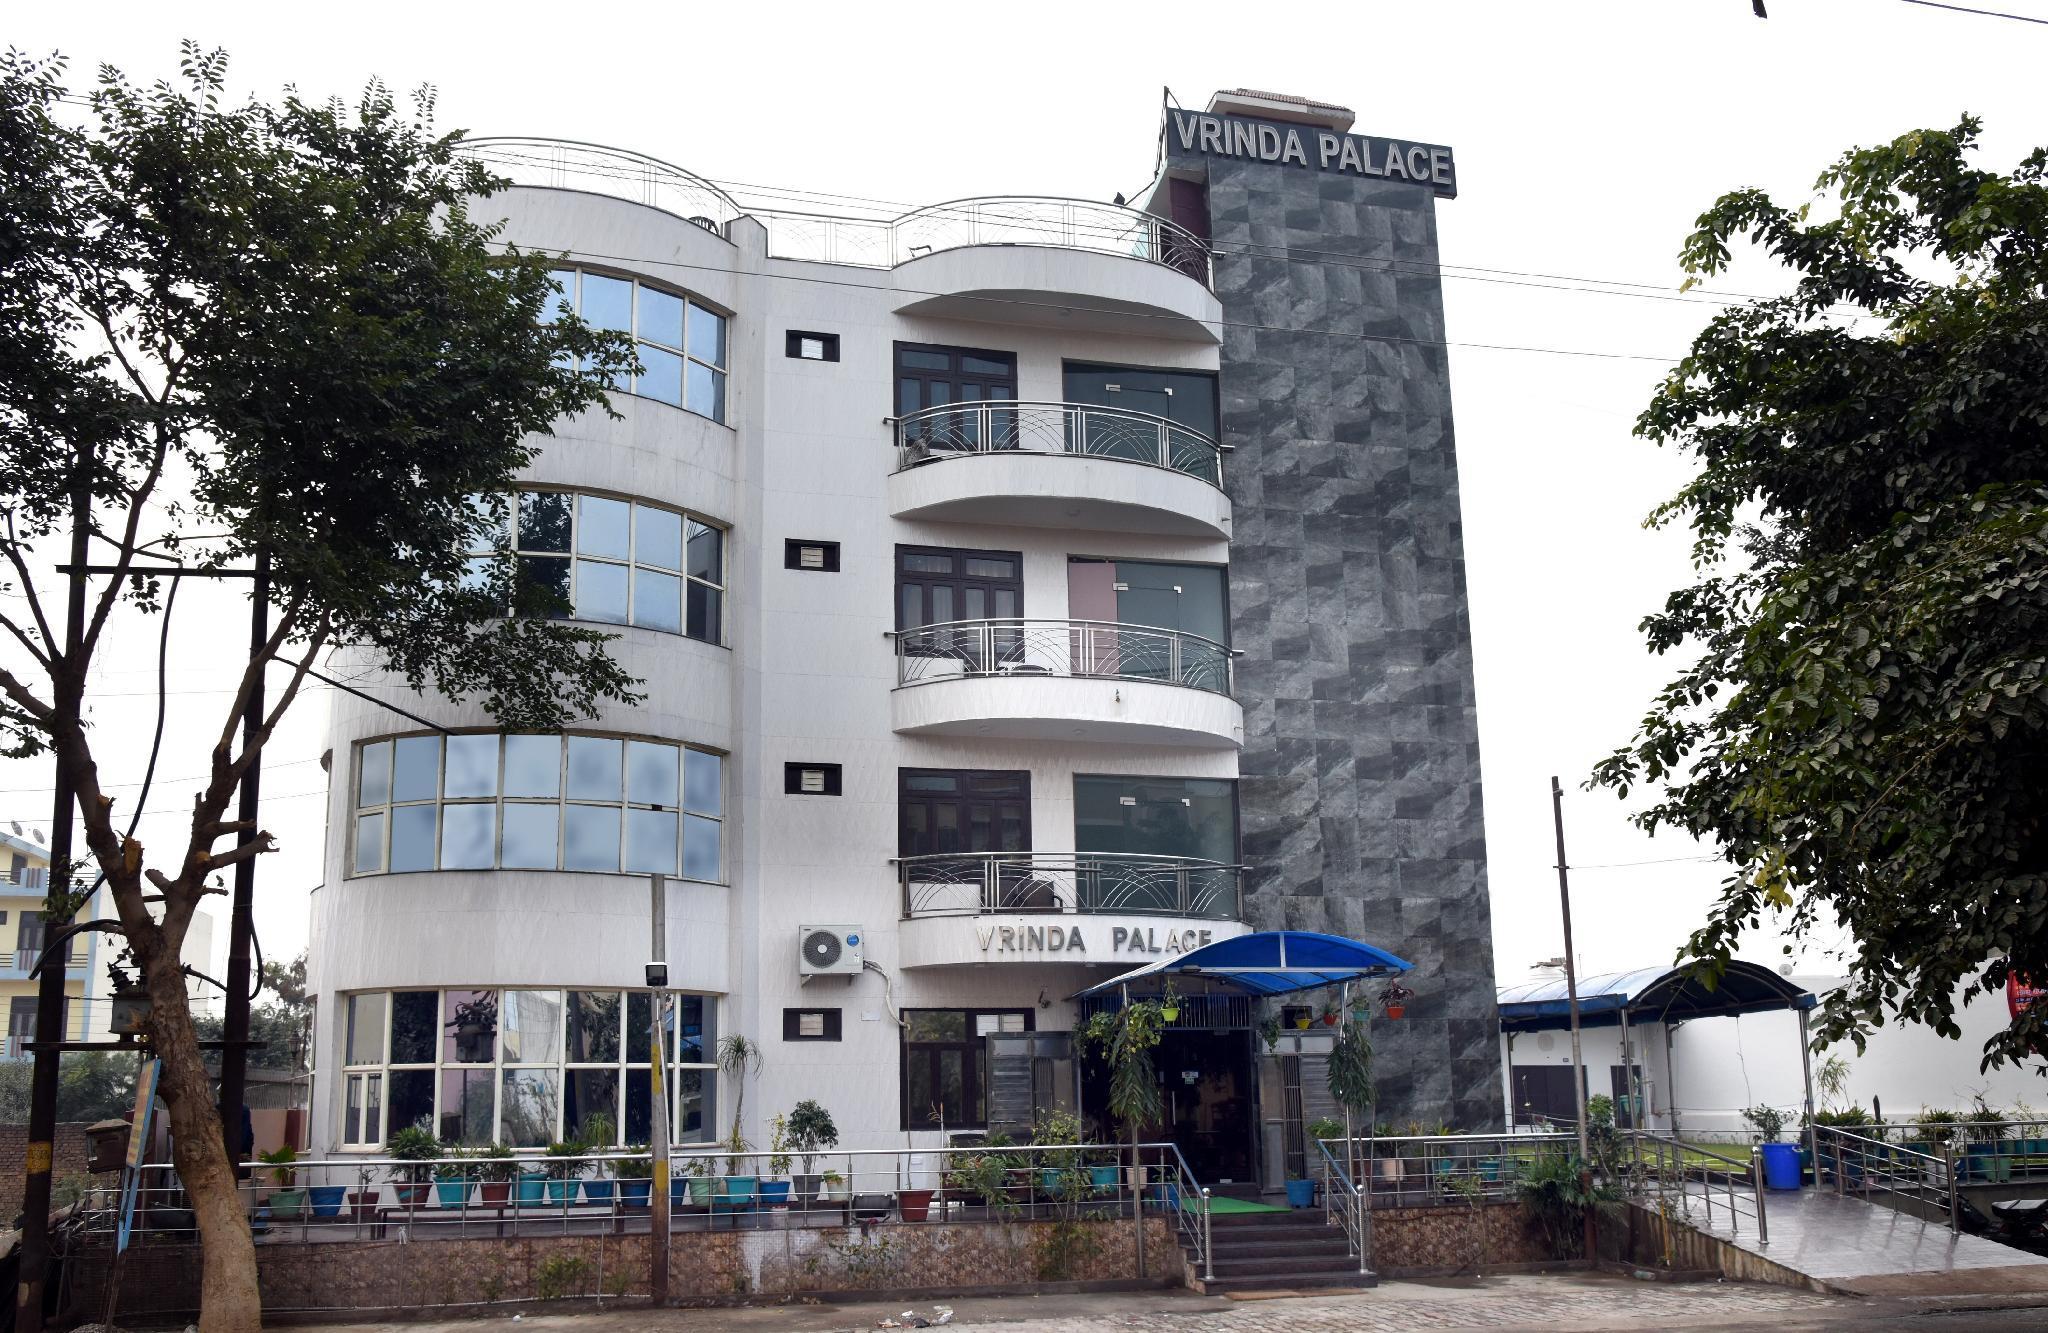 Hotel Vrinda Palace Seva Dham